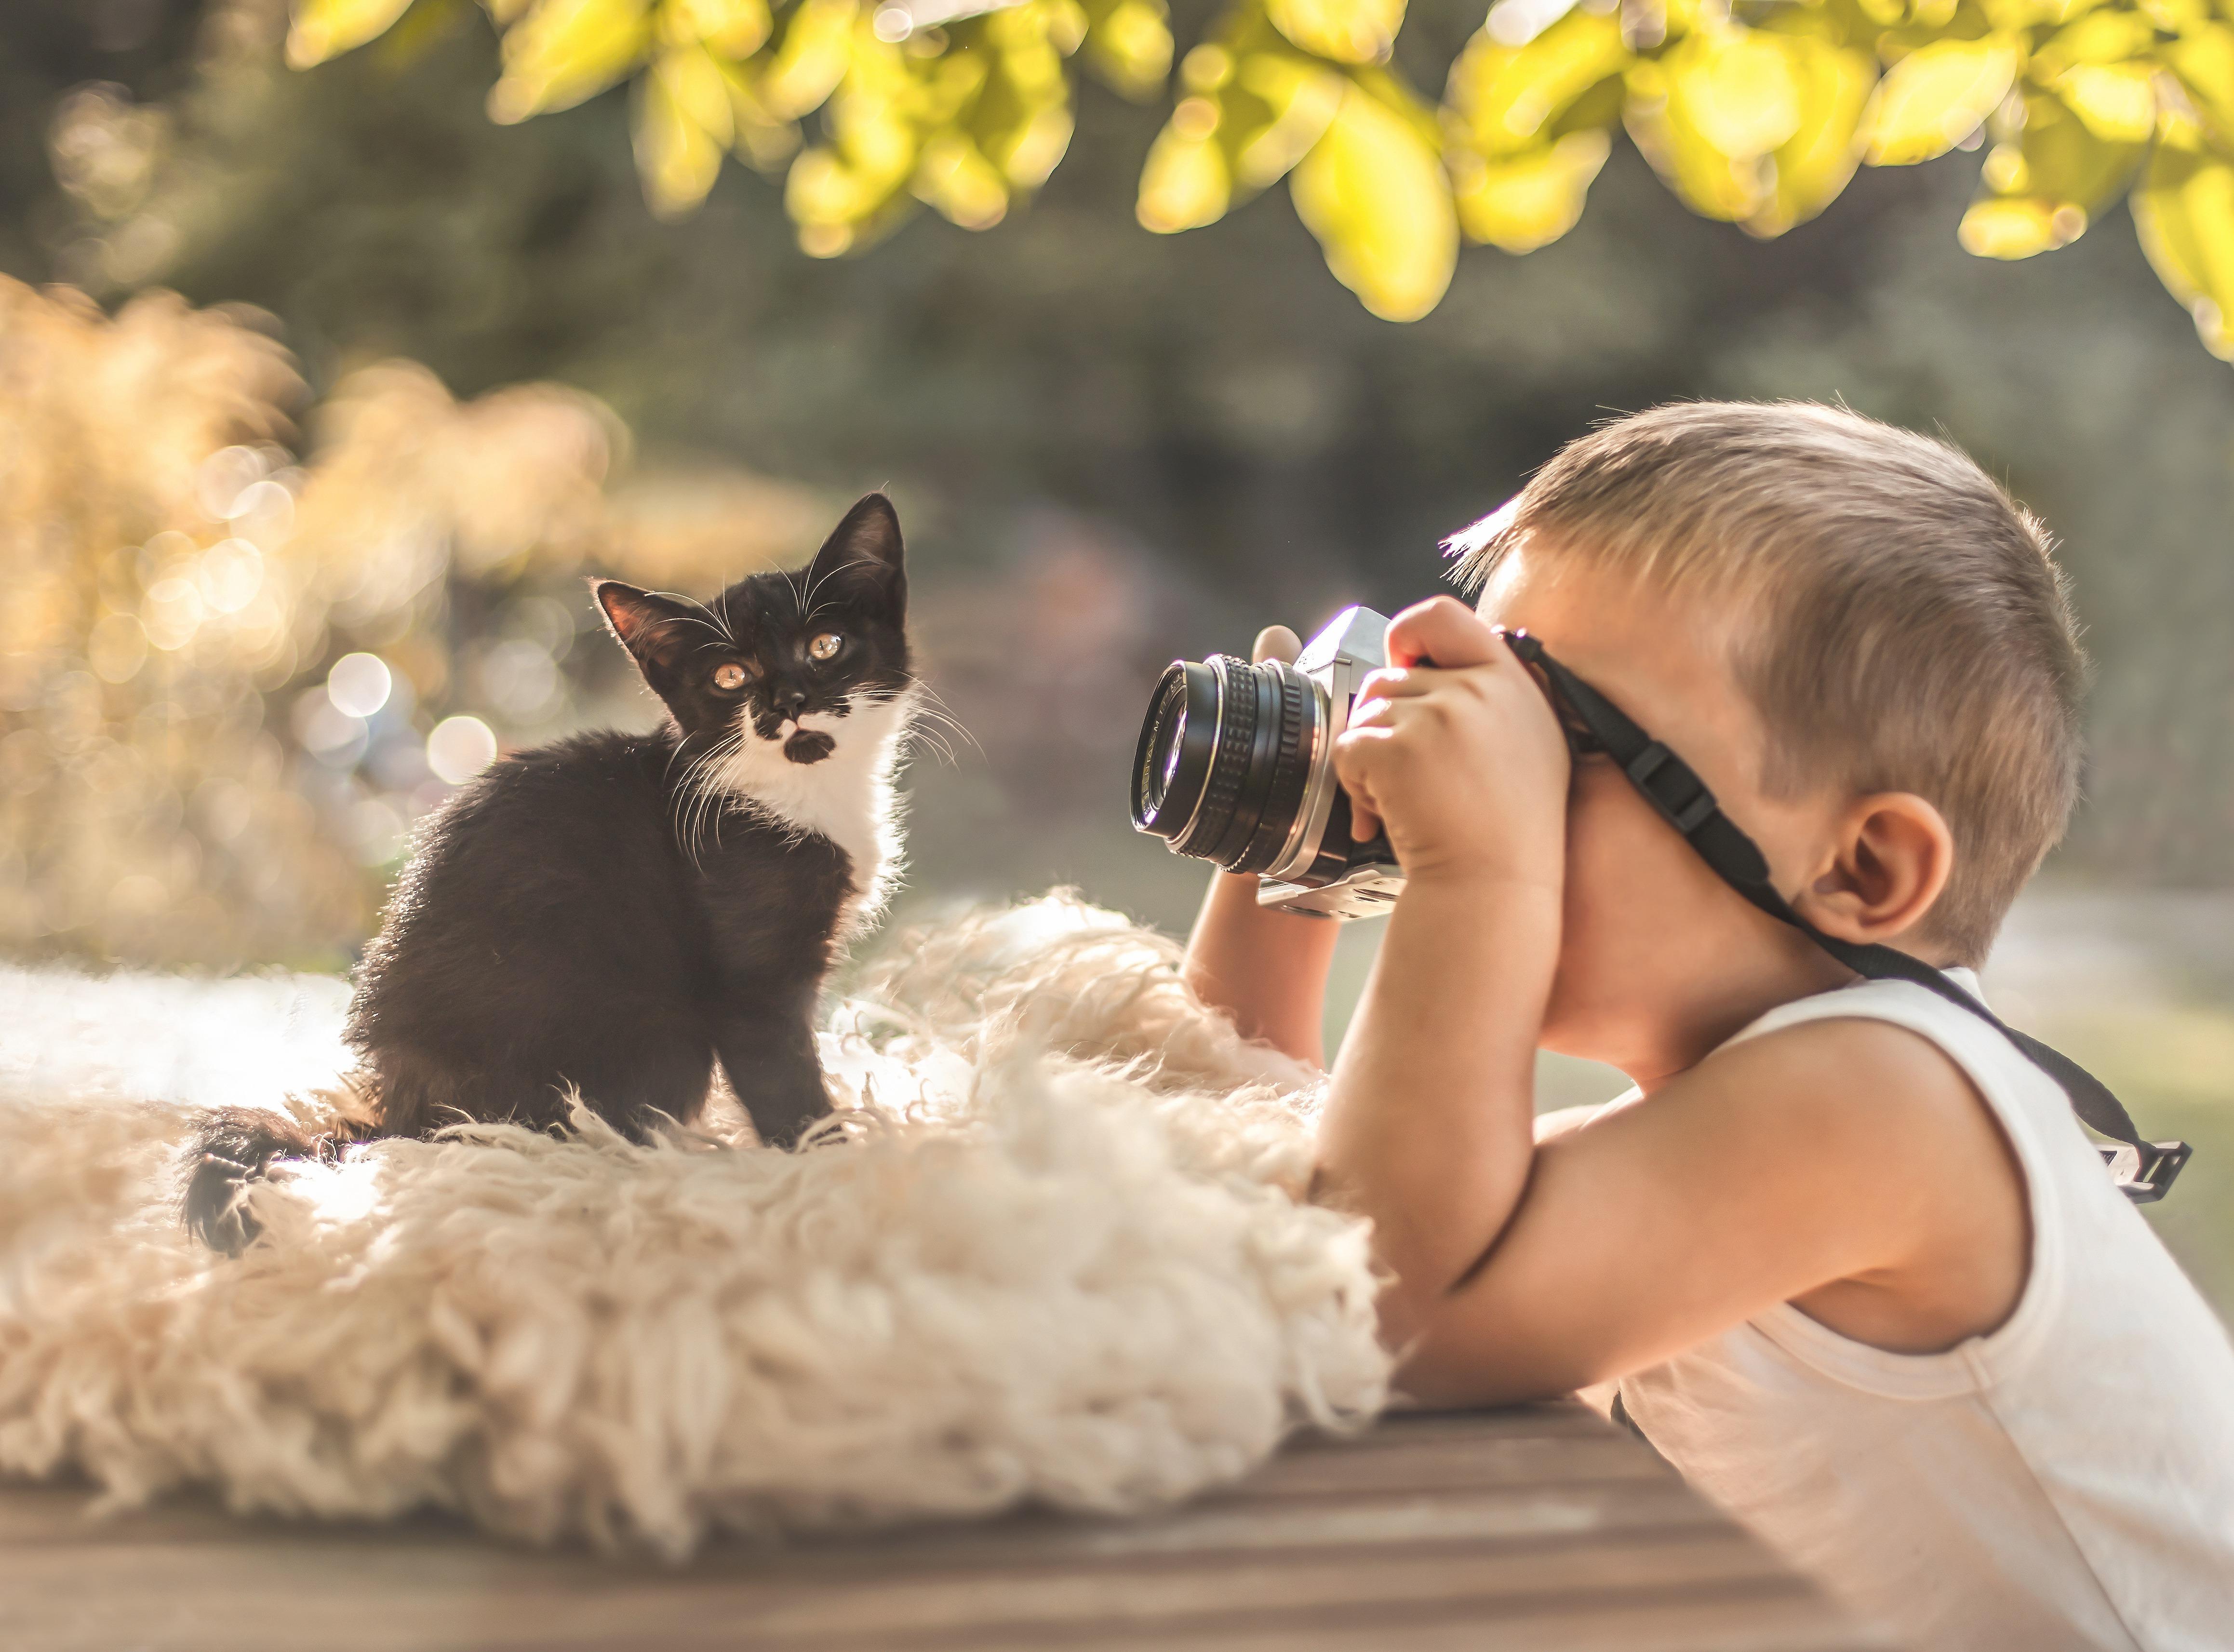 Днем, картинки дети с животными